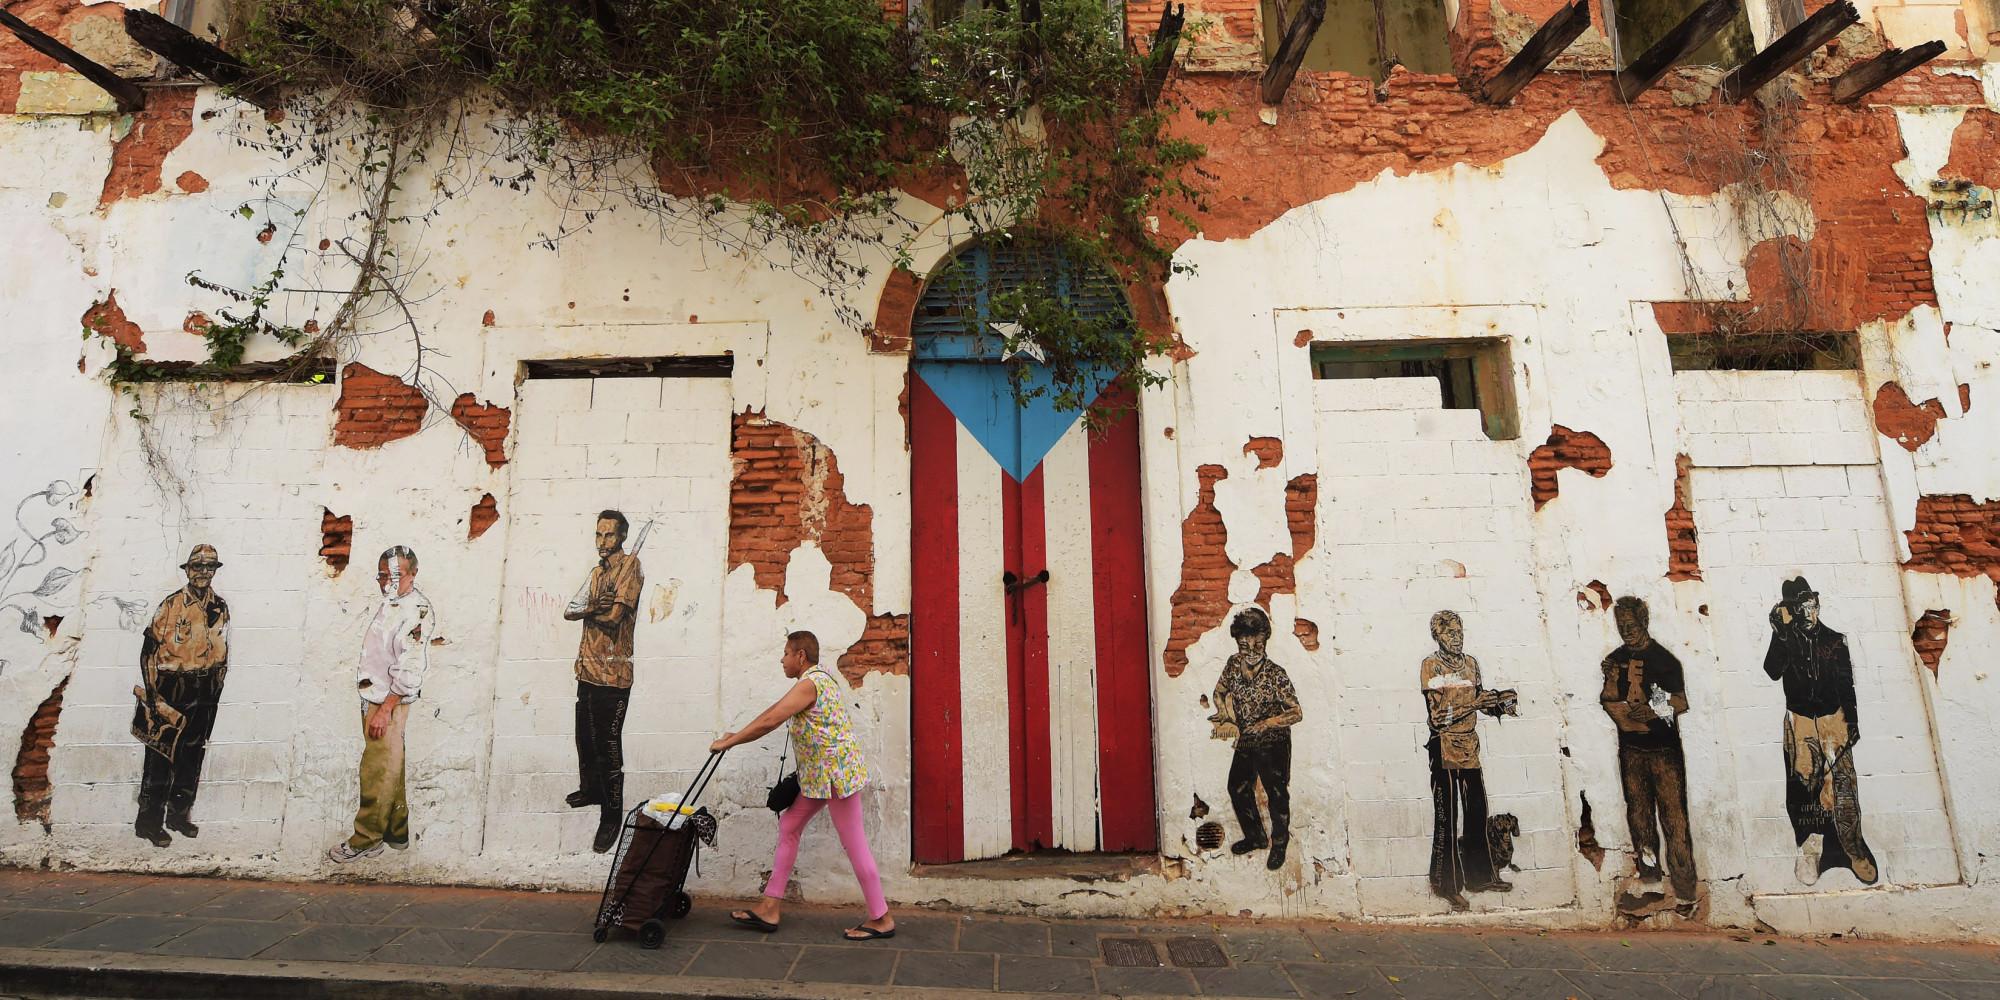 Puerto Rico Debt - Old San Juan, Puerta Rico